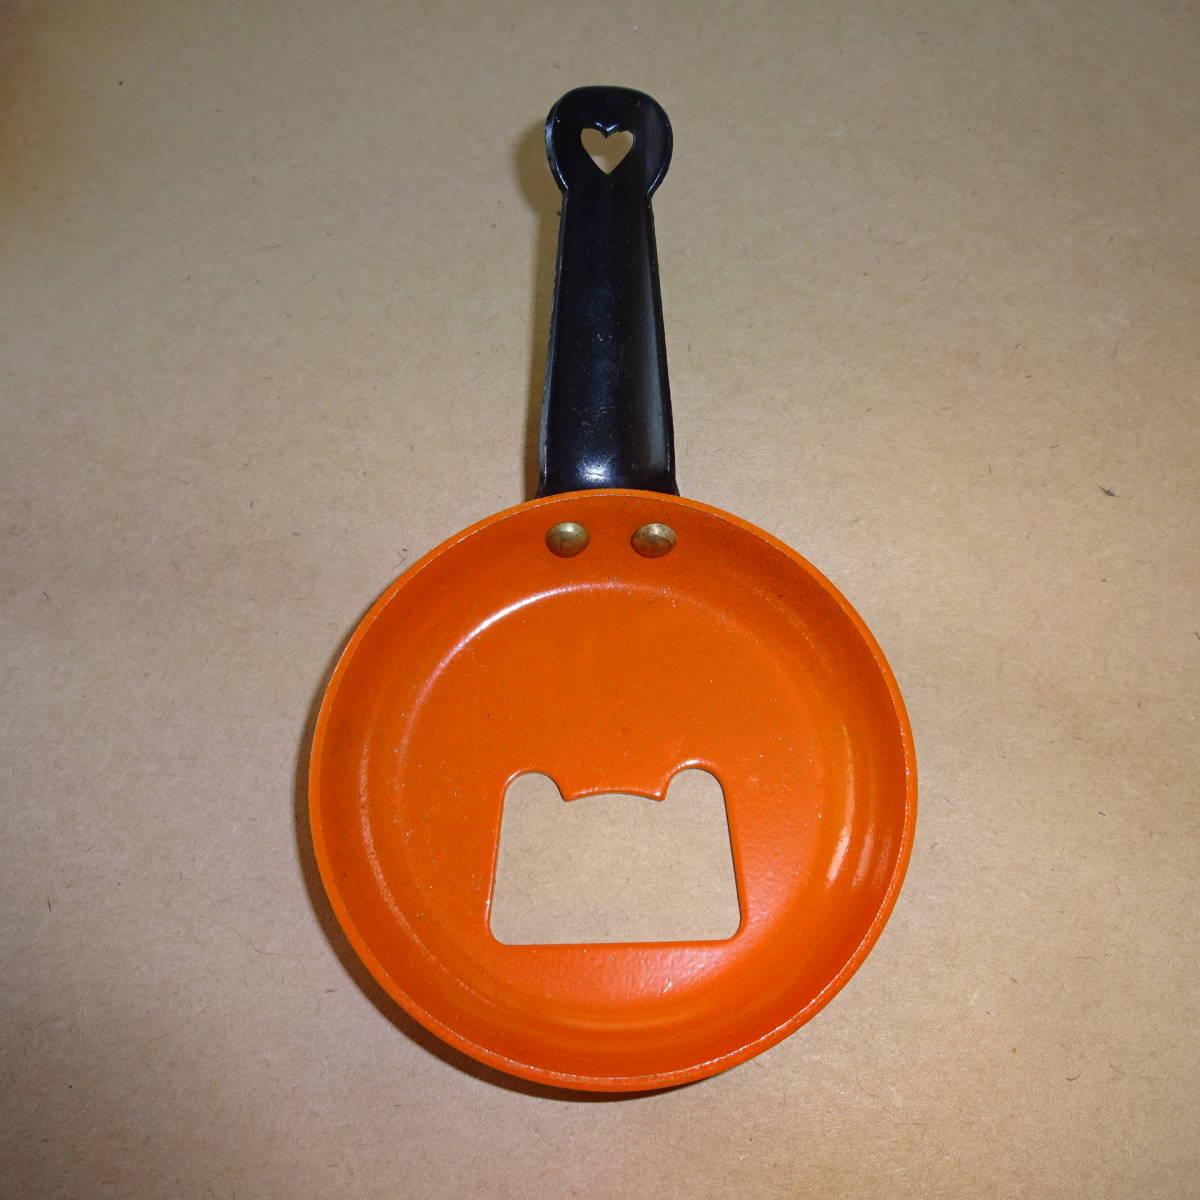 フライパン栓抜き レトロフライパン栓抜き オレンジ色② レトロ雑貨